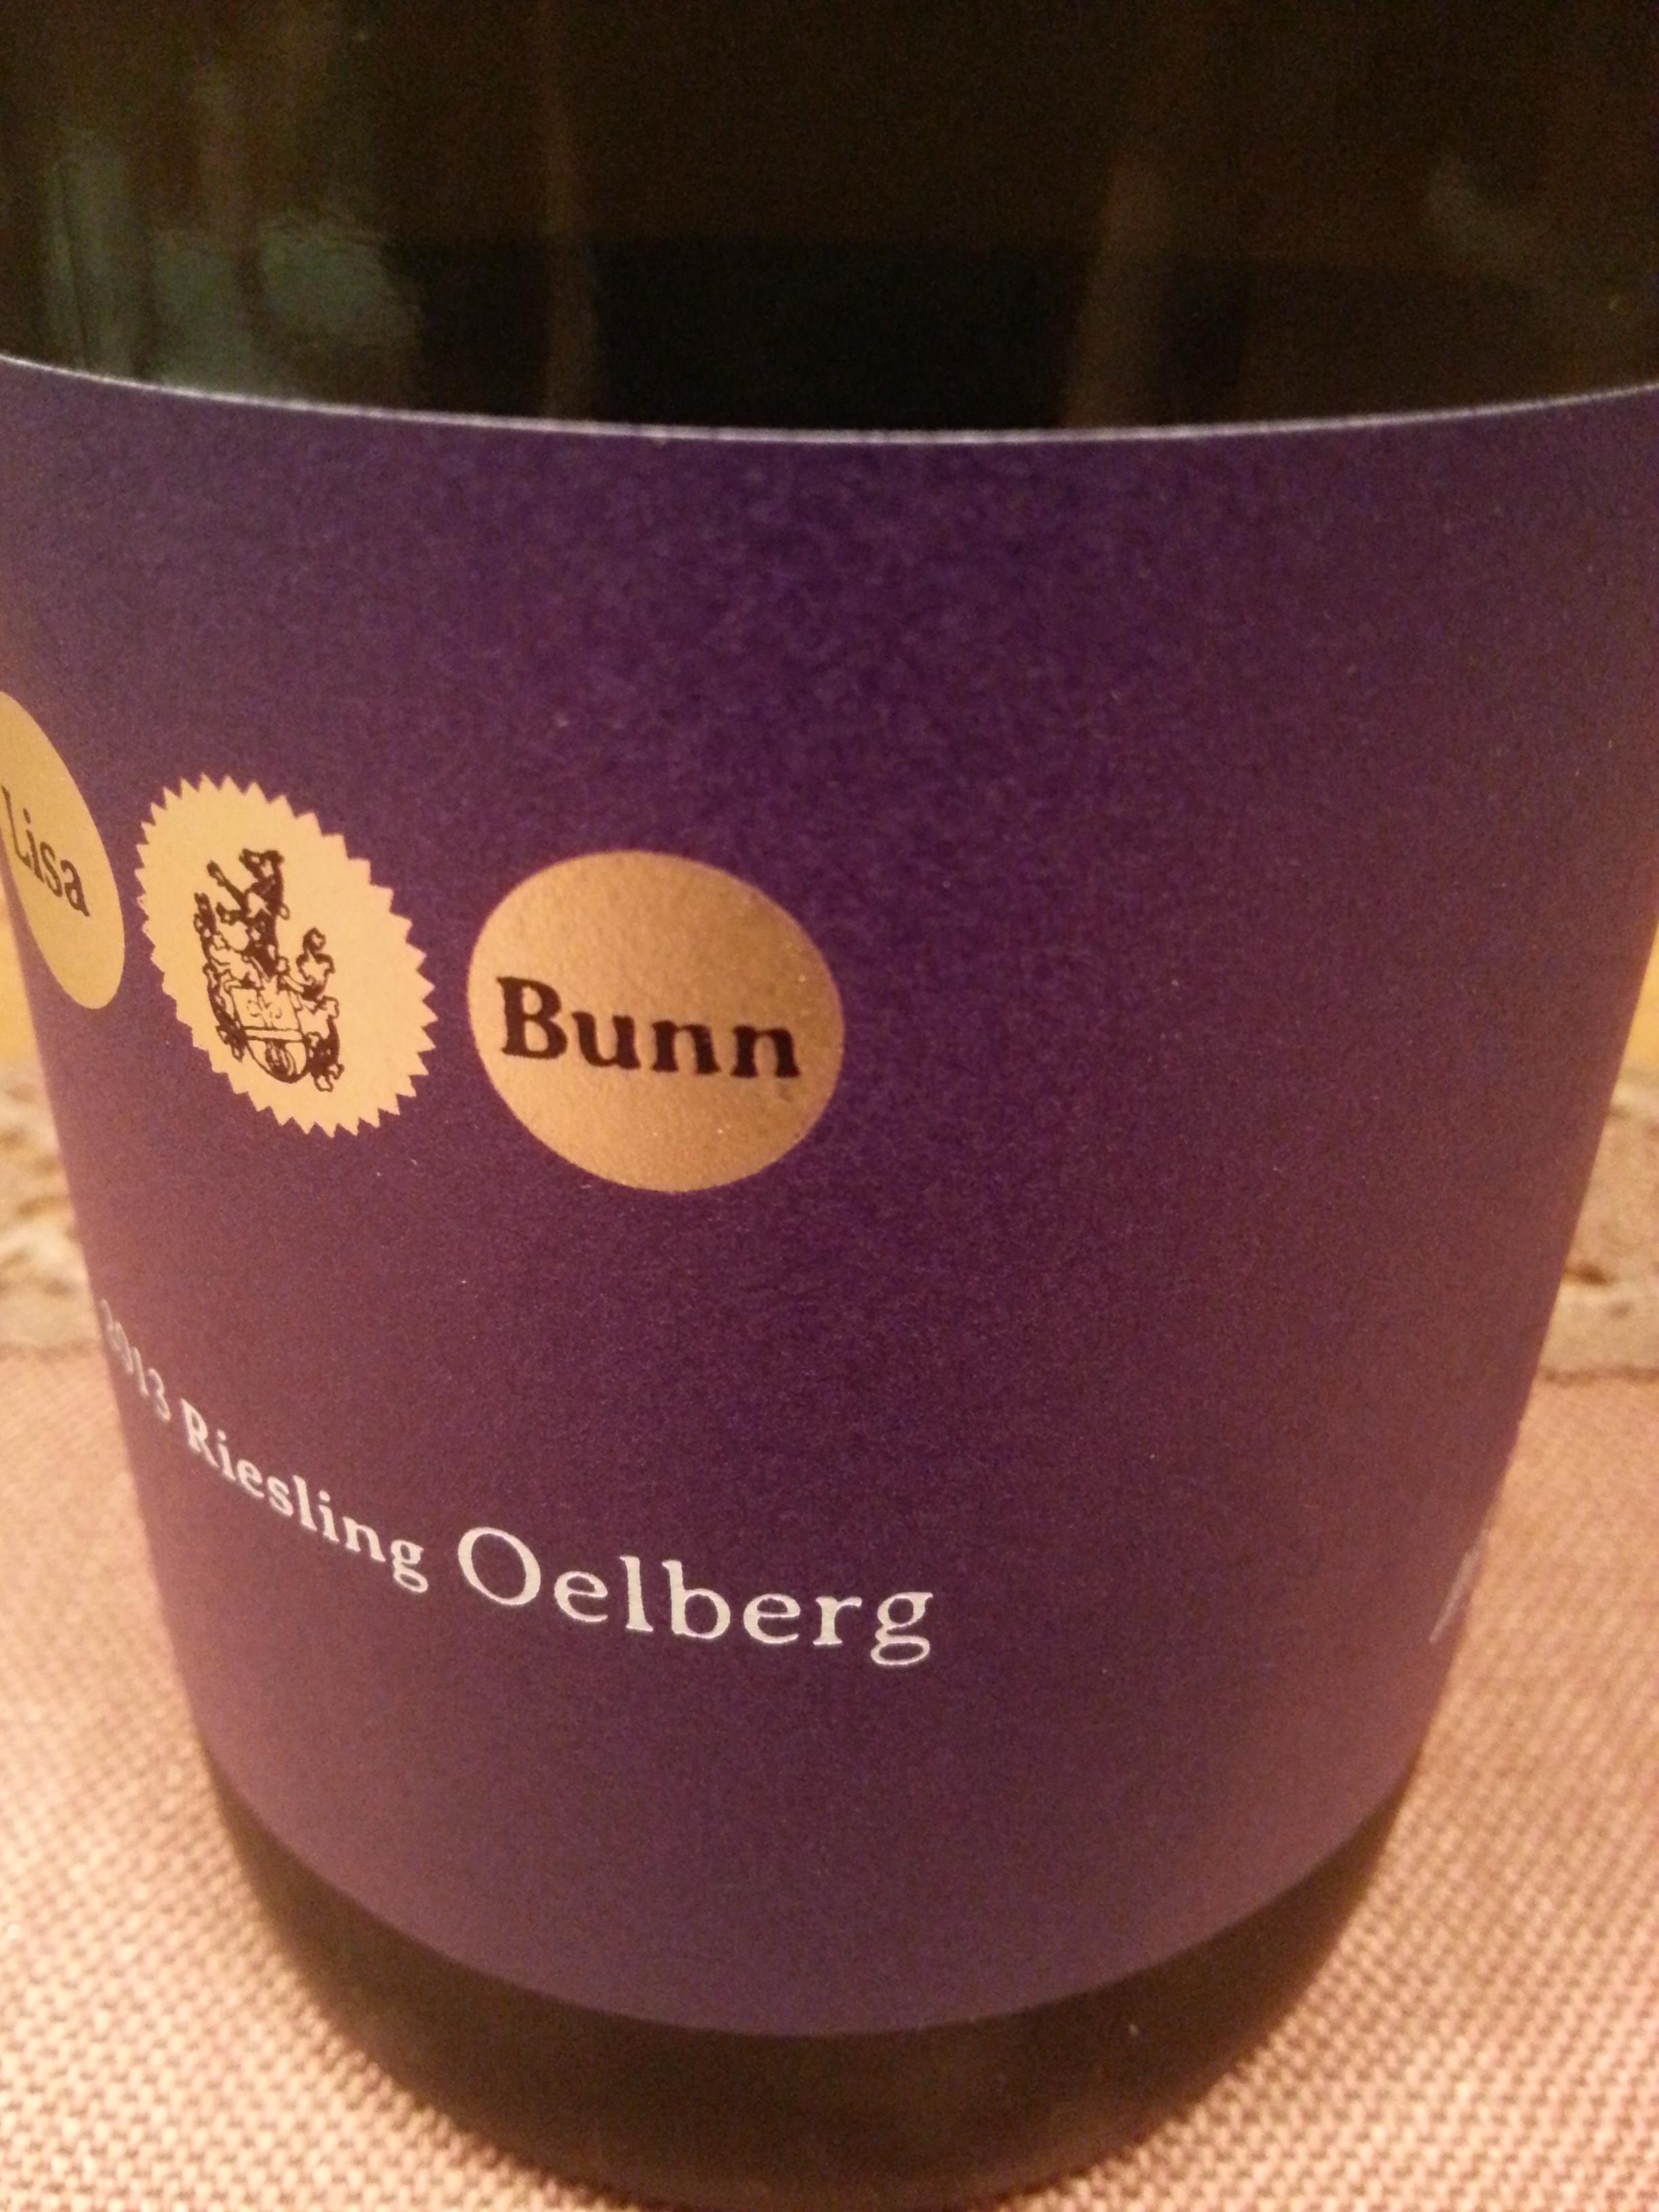 2013 Riesling Oelberg | Lisa Bunn